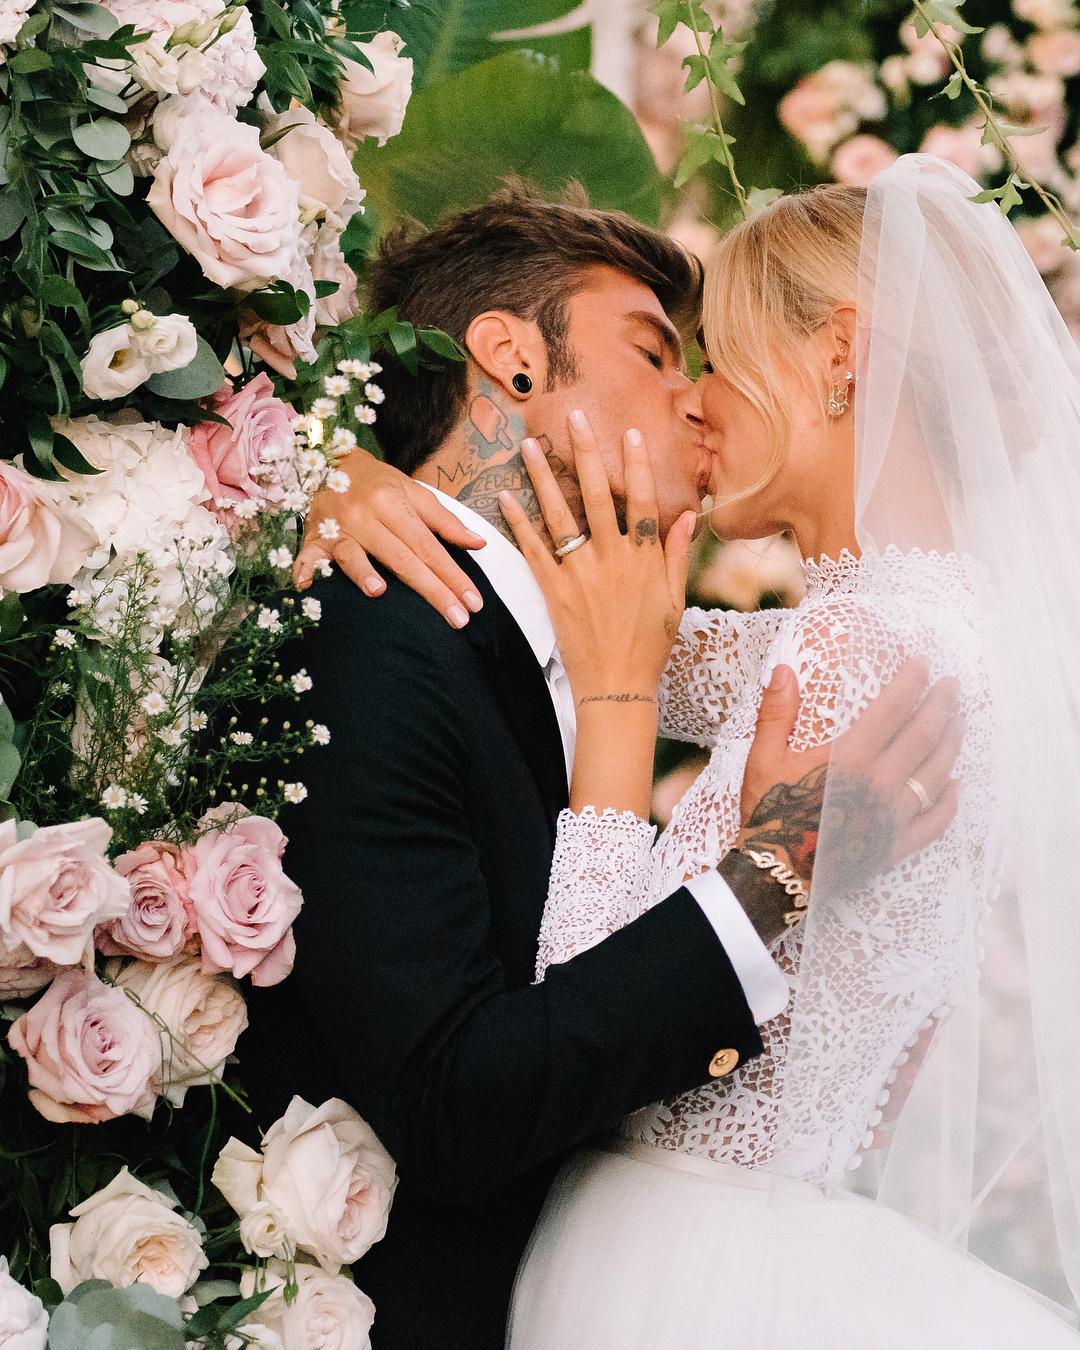 Самая стильная свадьба года: какие подвенечные образы выбрала Кьяра Ферранья и чем они нам запомнились